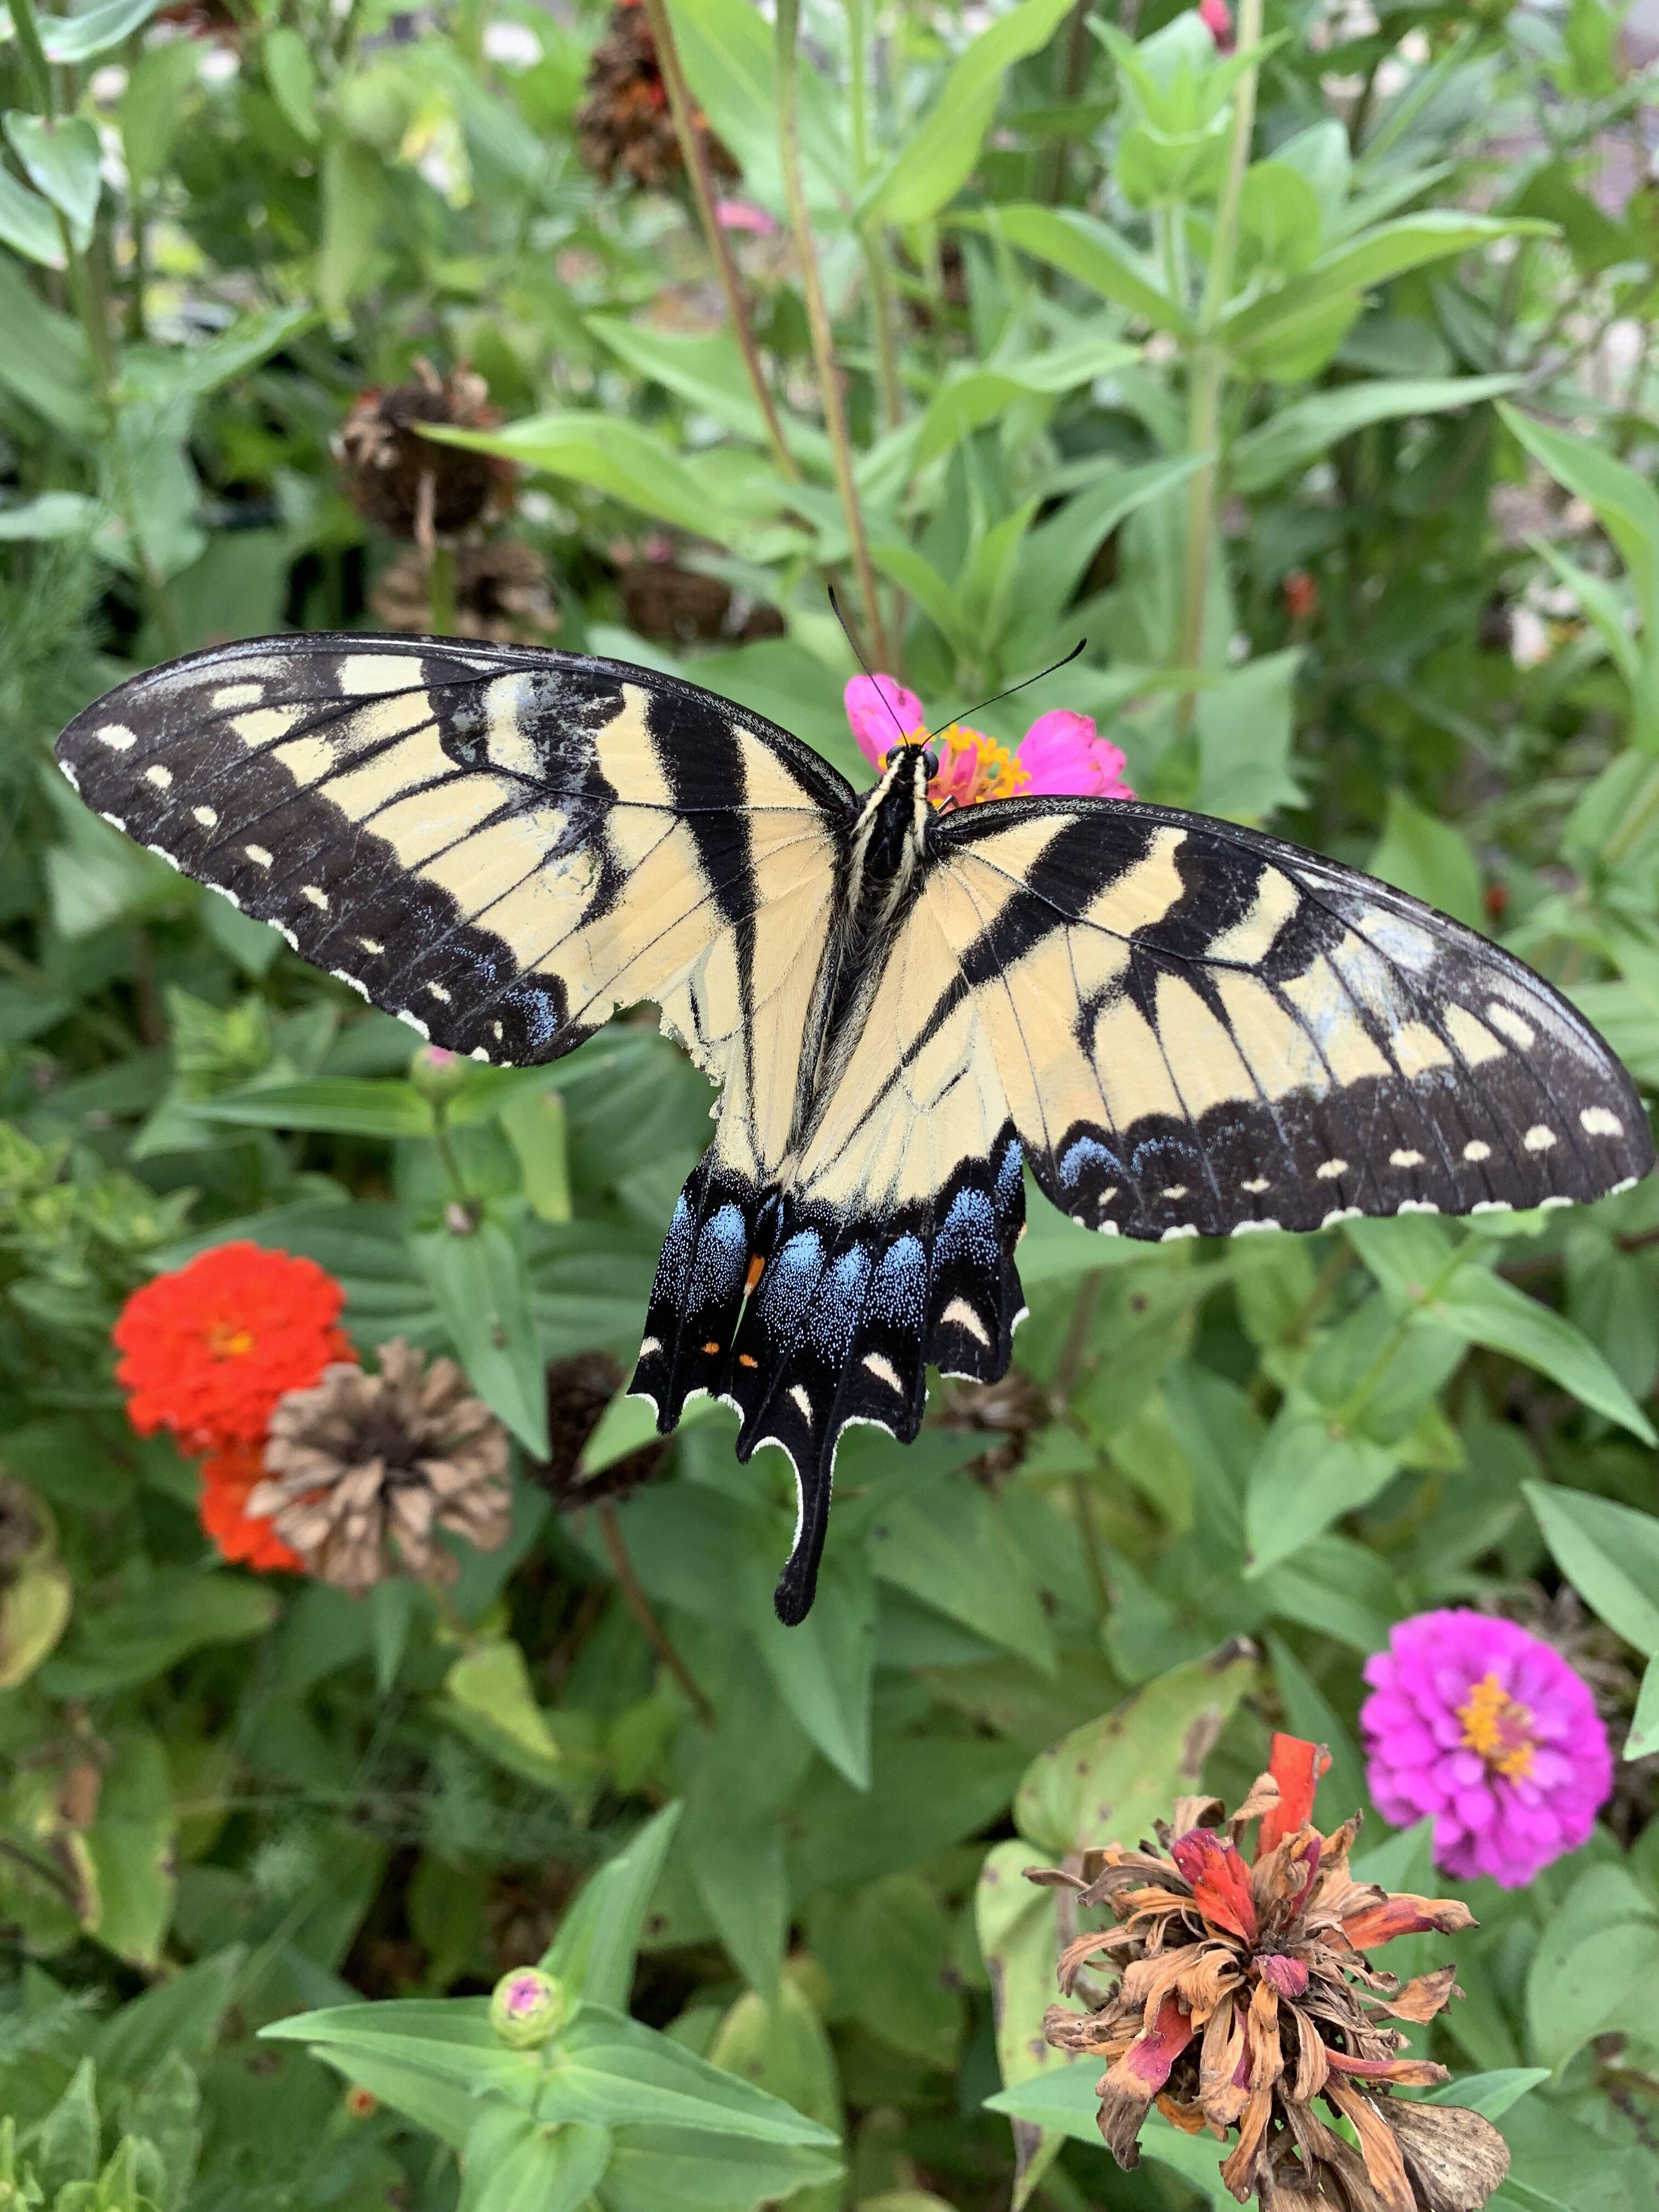 8FCC6945 4BF9 4D37 8D9F 692230386083 A broken butterfly